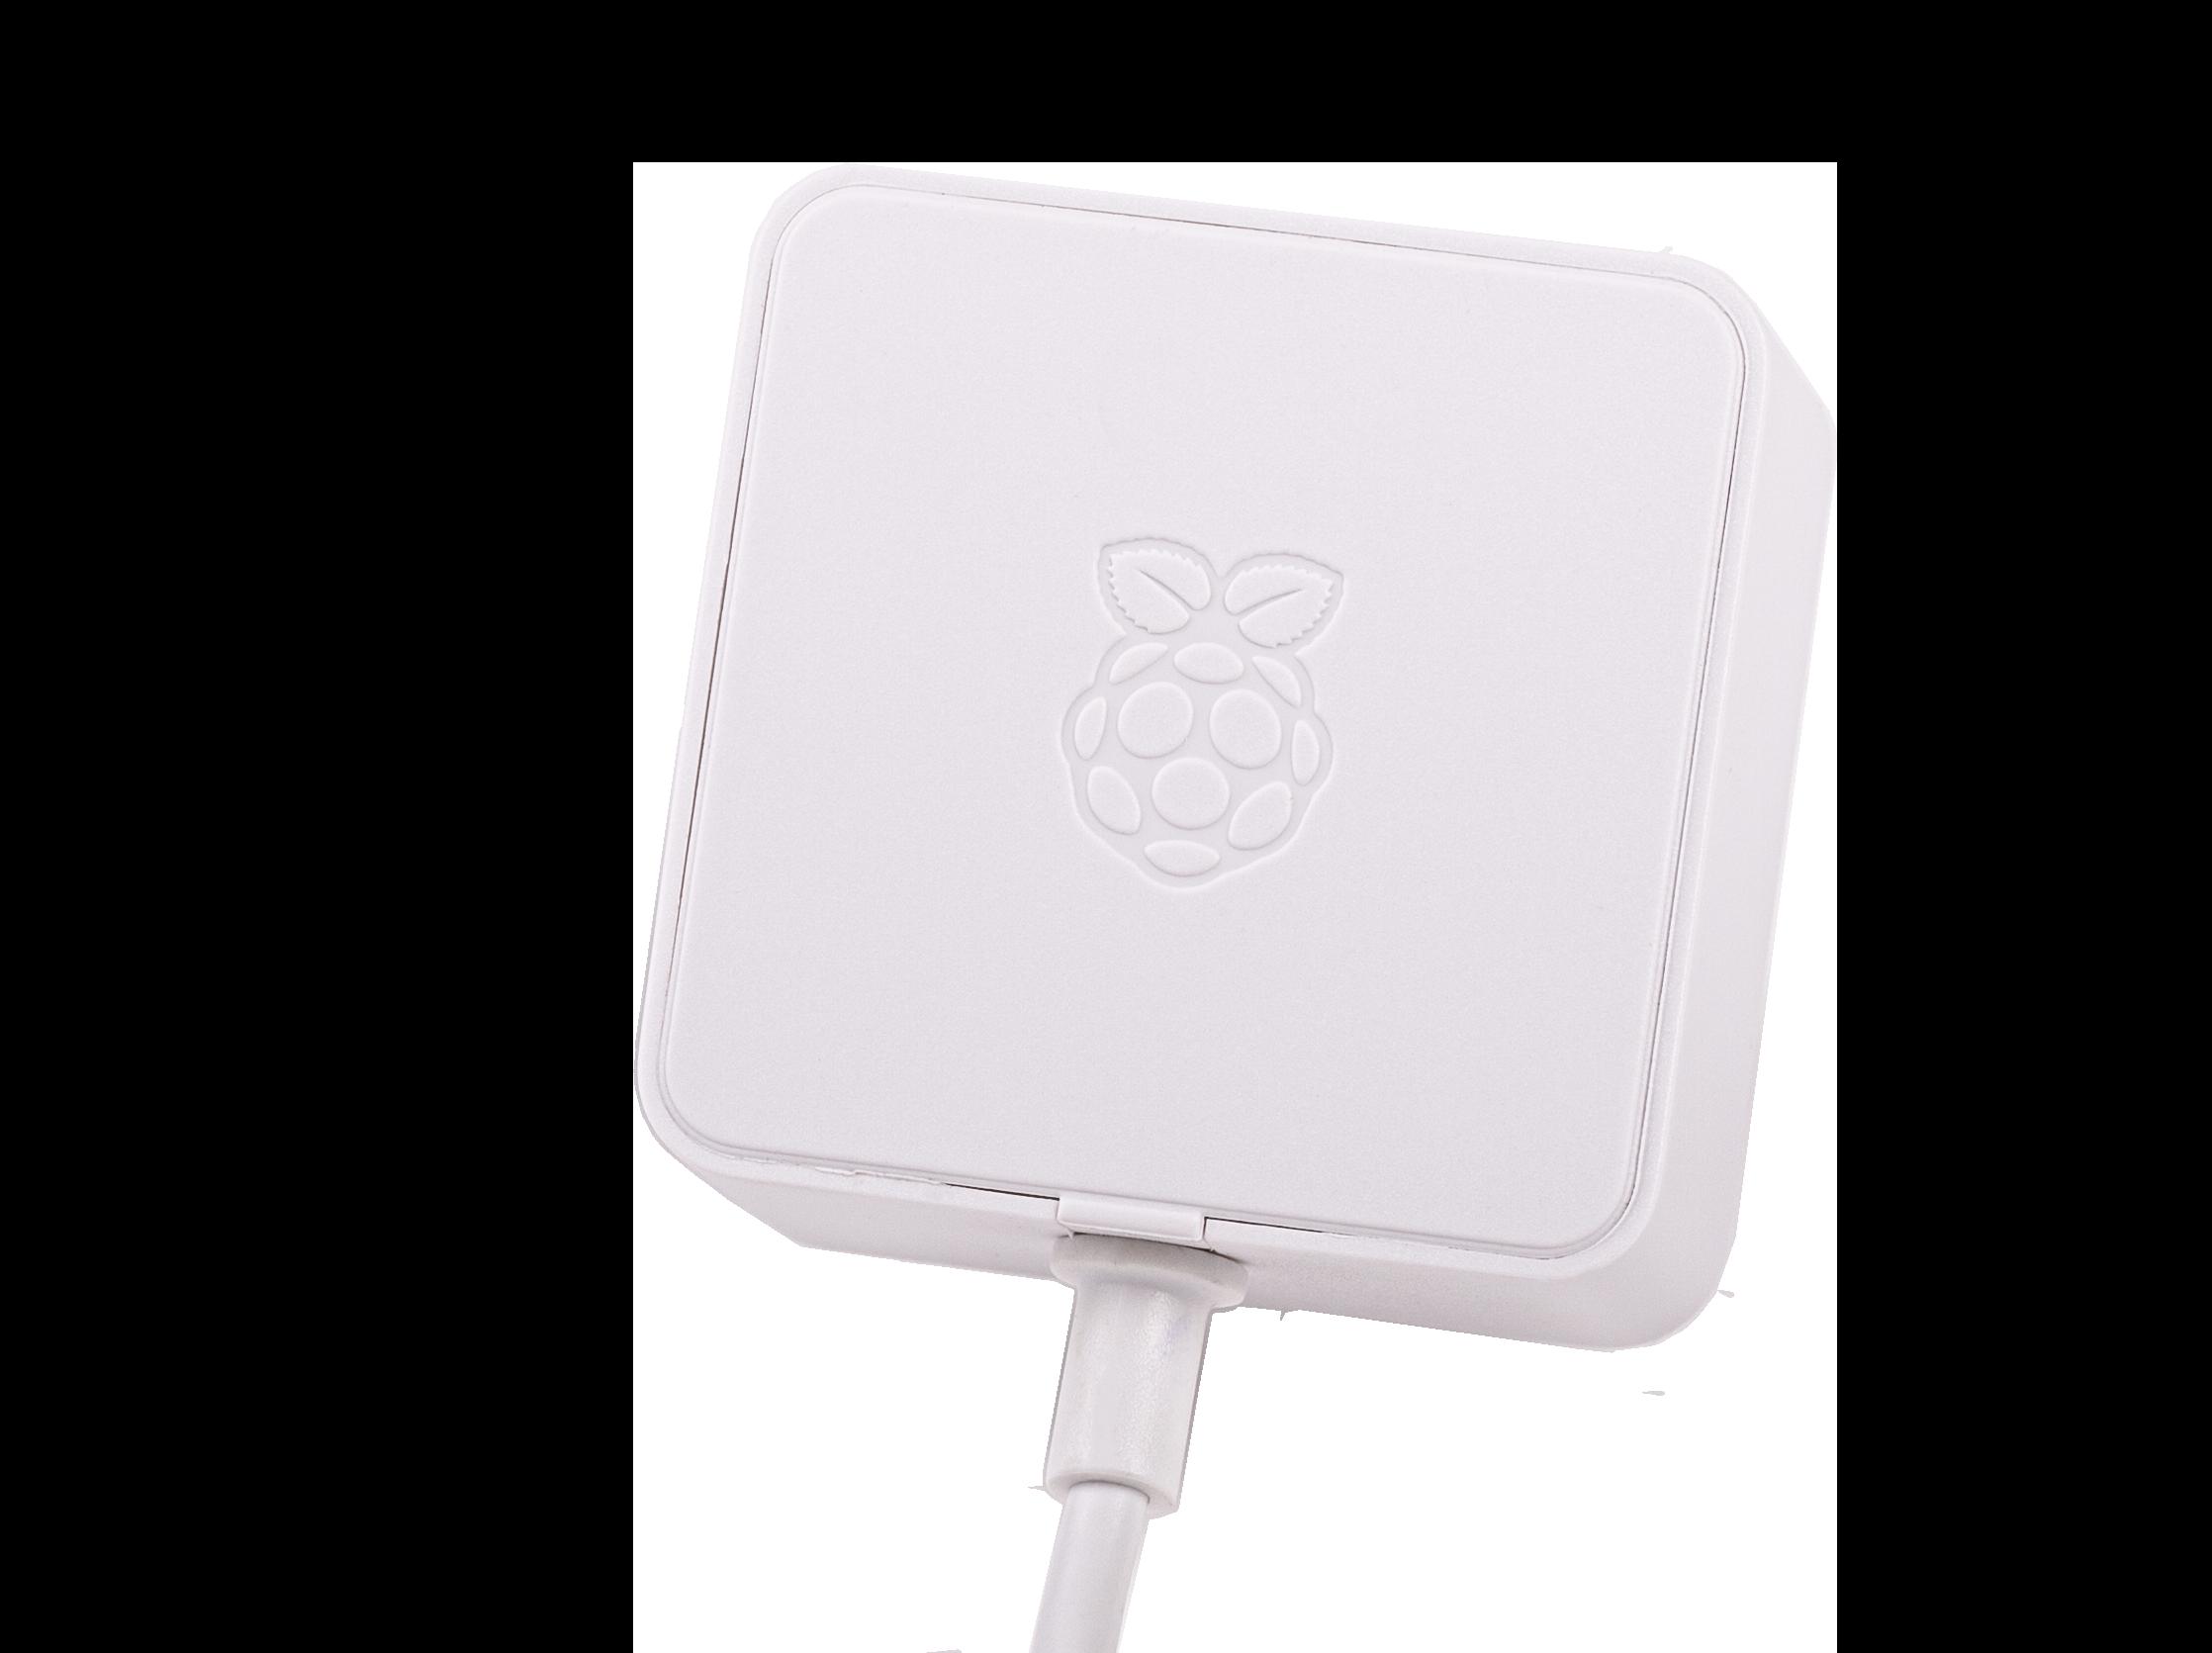 Raspberry Pi 5,1V/3A Netzteil mit USB-C für AU, weiß